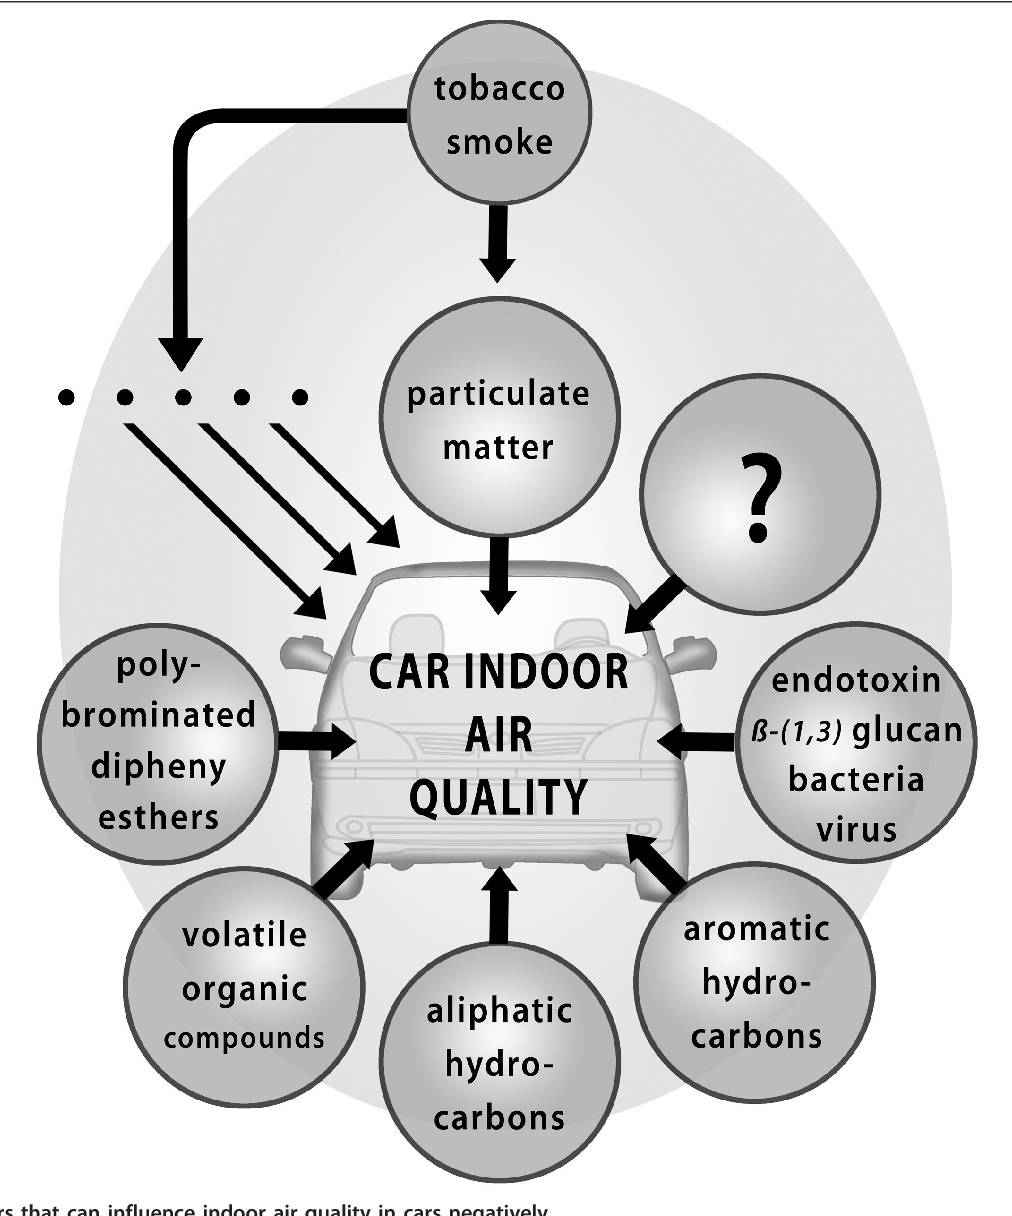 car air purifier. car air purifier for smoke. car air purifier for dust. car air purifier for smokers. car air ionizer  purifier. Car Ionizers